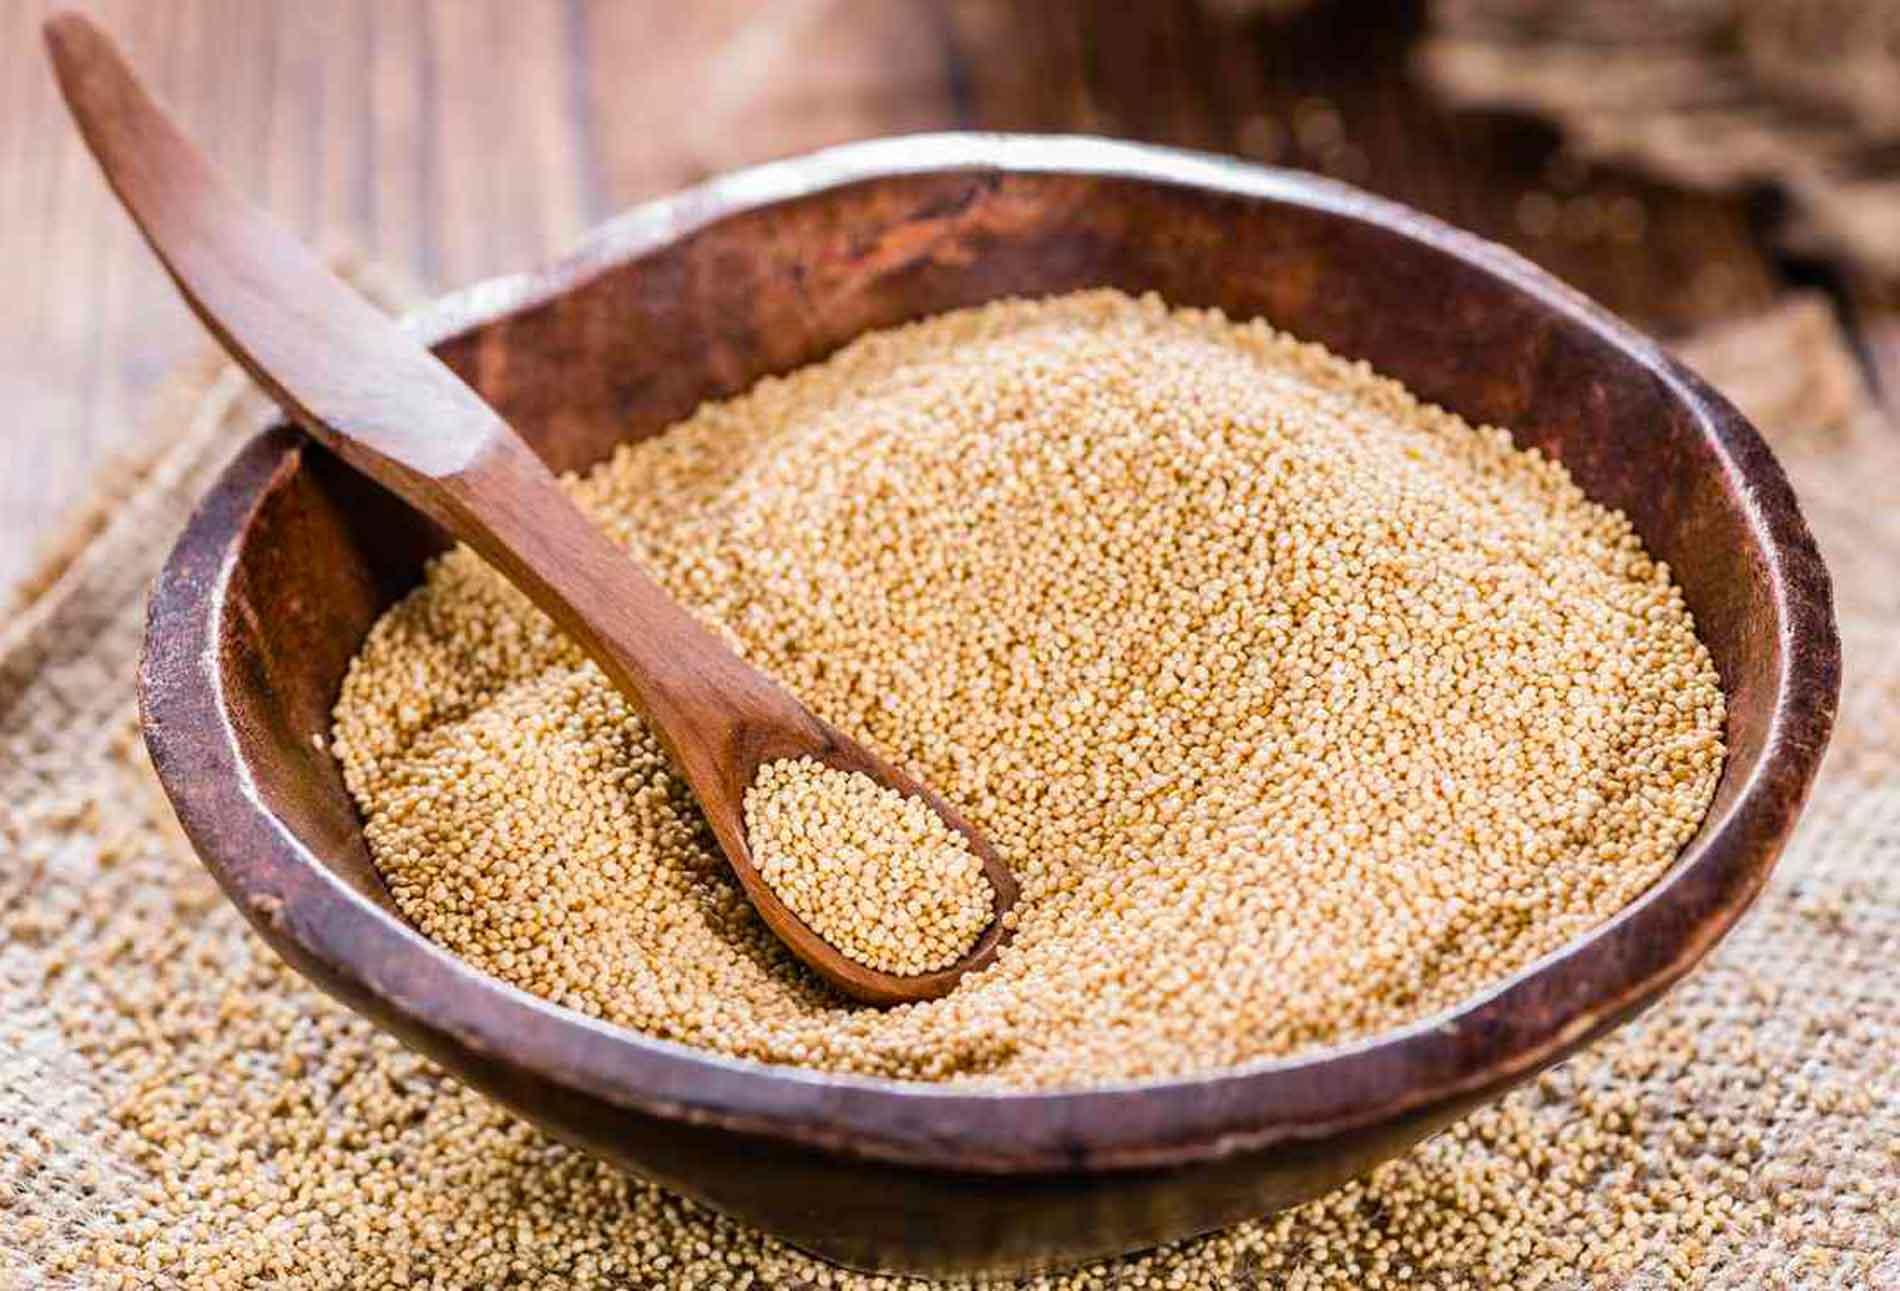 Cinco super cereales que deberías añadir a tu dieta ya mismo